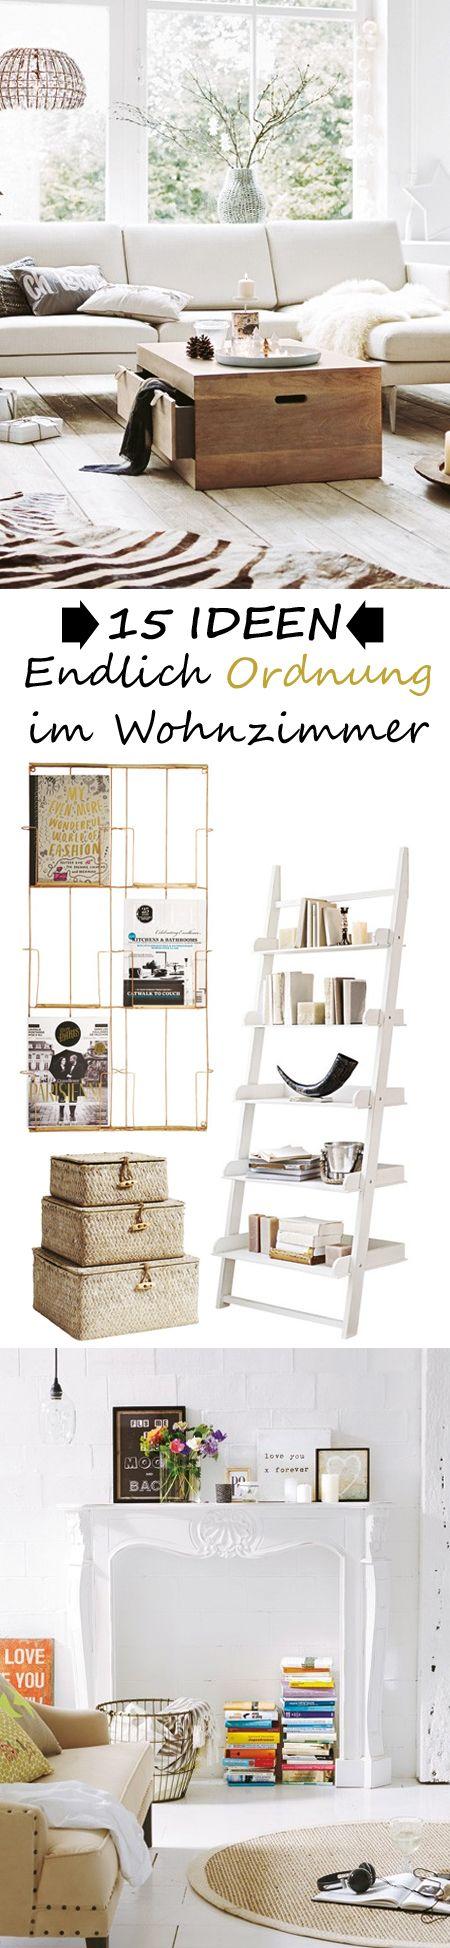 67 besten Wohnzimmer Bilder auf Pinterest | Einrichtung, Wohnen ...